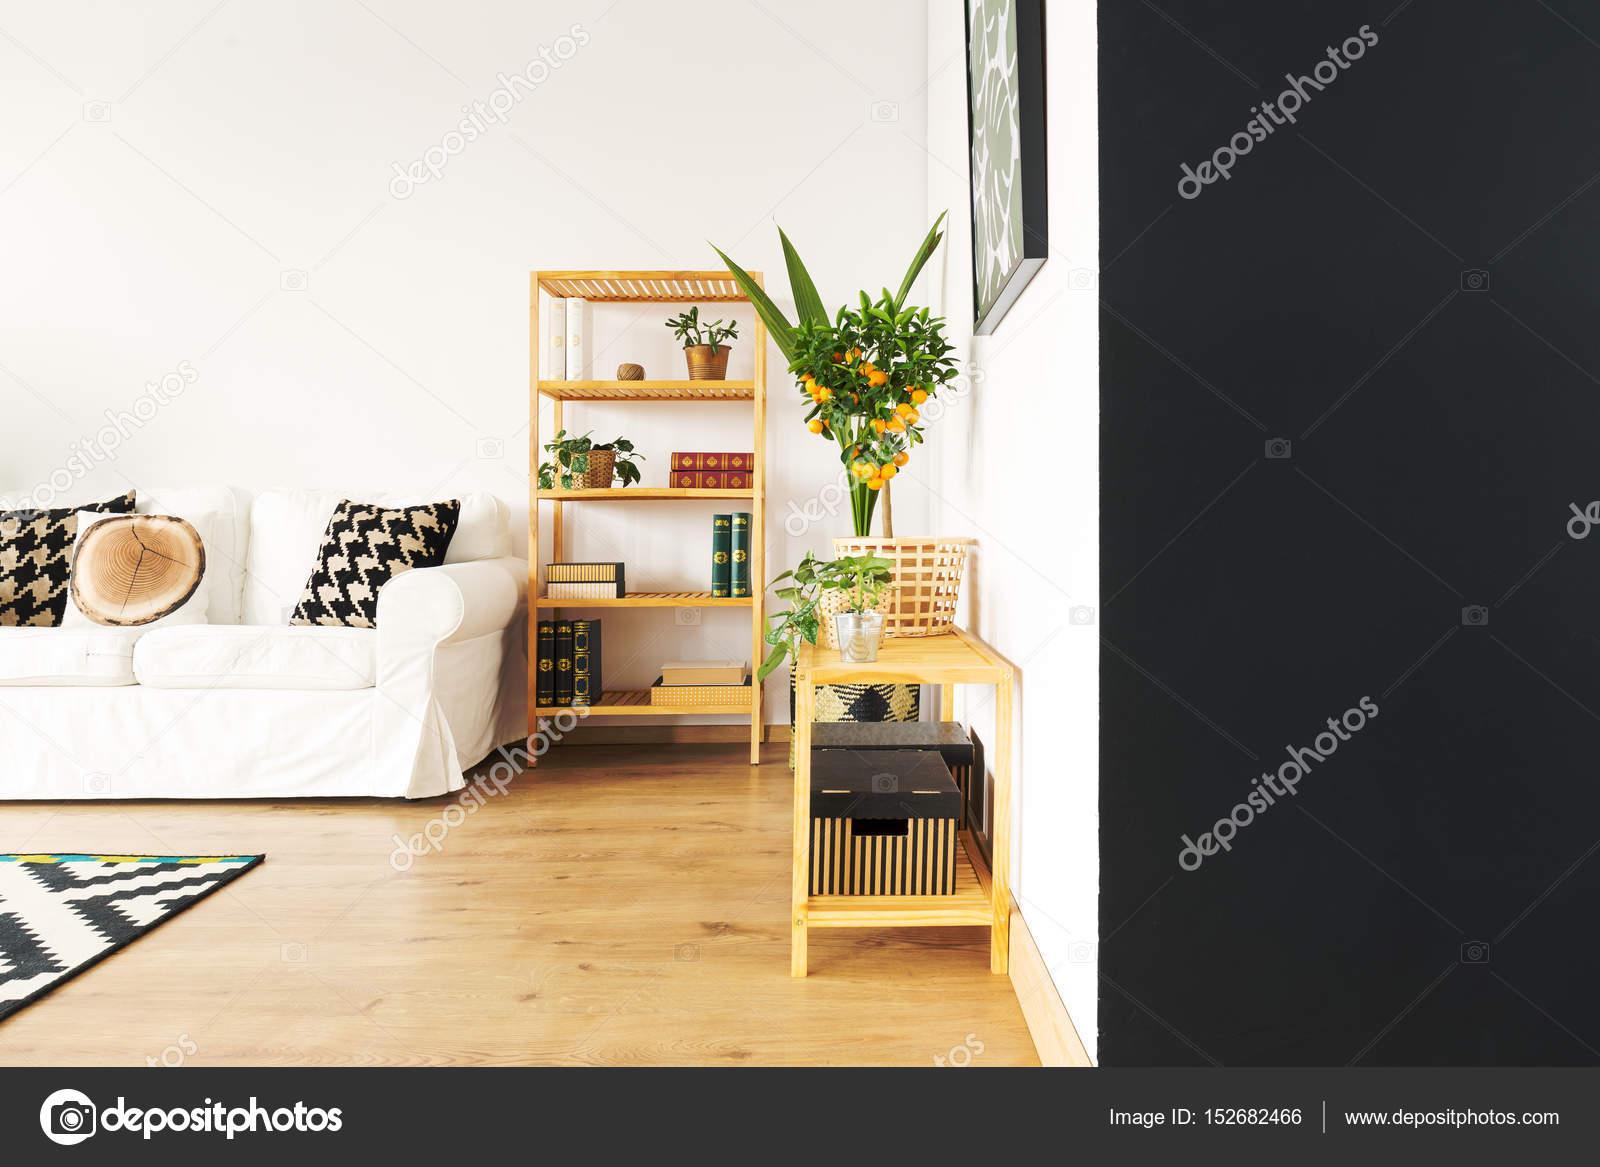 Woonkamer Zwarte Muur : Woonkamer met zwarte muur u2014 stockfoto © photographee.eu #152682466